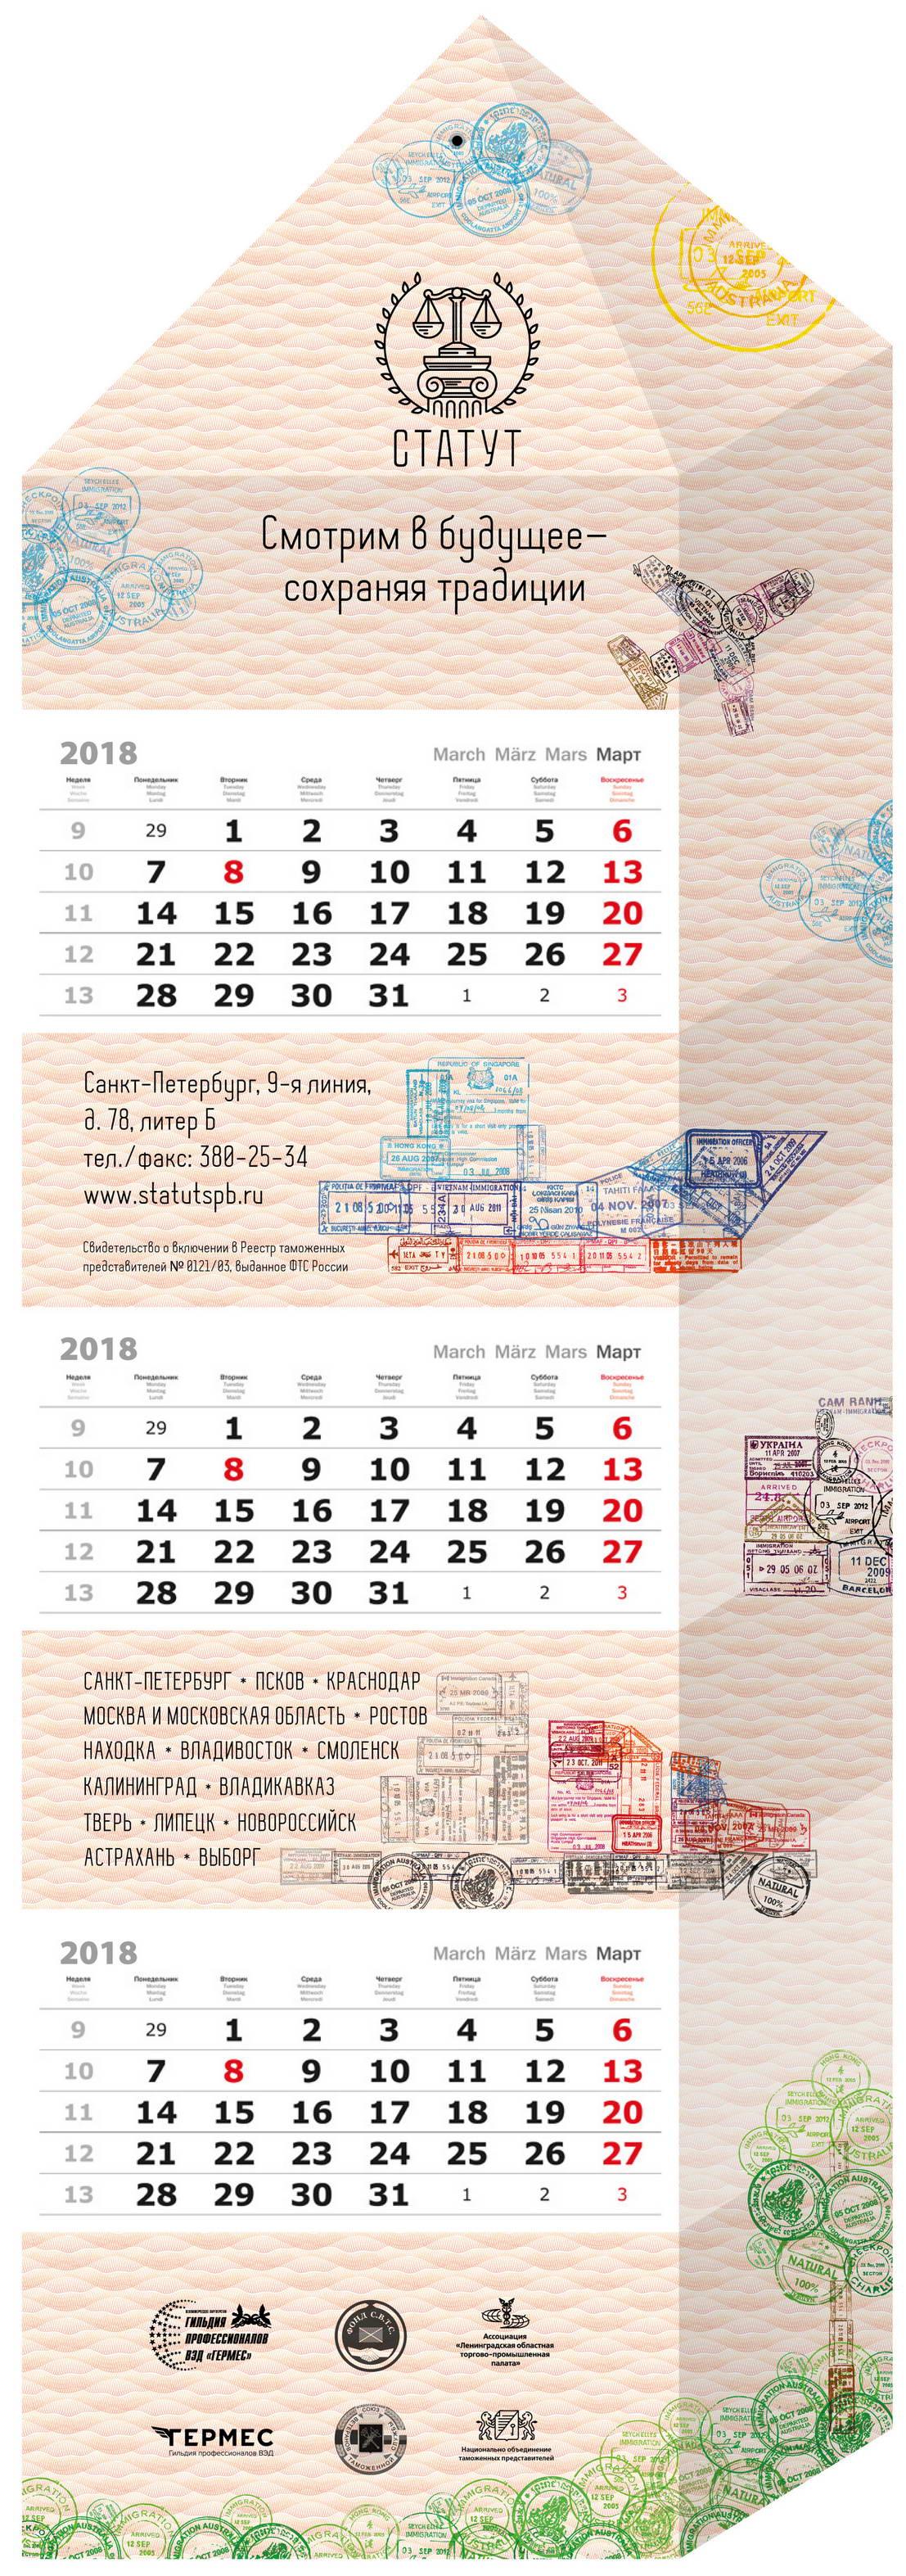 Дизайн корпоративного квартального календаря Статут 2018